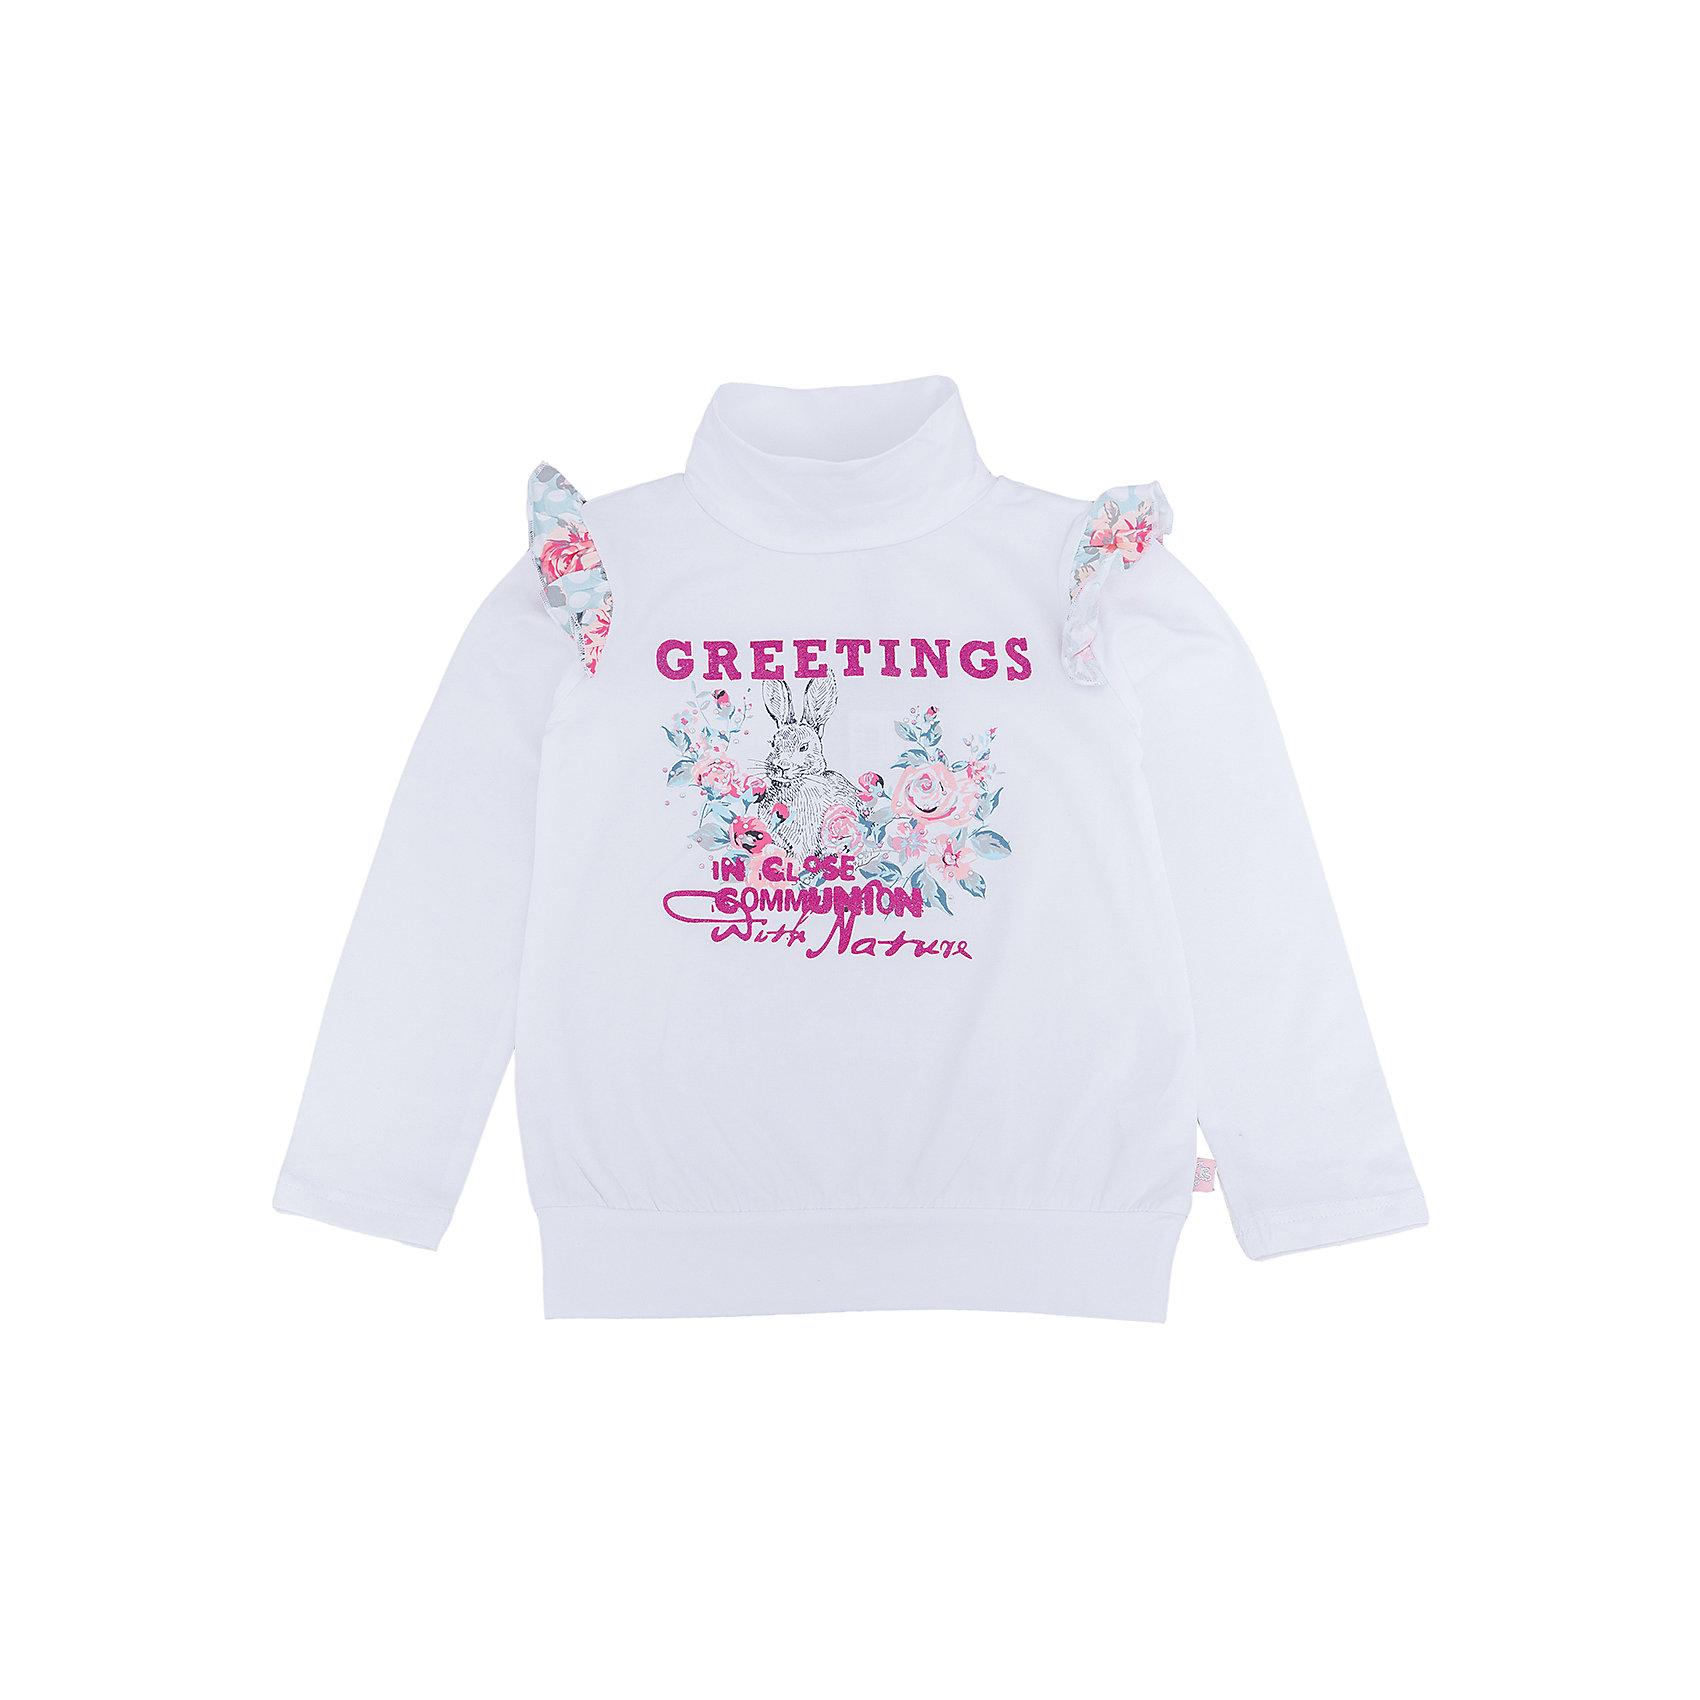 Водолазка для девочки Sweet BerryВодолазки<br>Водолазка – стильная и удобная вещь, которая способна одновременно создать стильный образ и защитить от осенних холодов маленького ребенка. Воланы на рукавах контрастного материала – особенность модели из новой коллекции. Насыщенный цвет, не теряющий сочность со временем, приятная к телу ткань и модный принт образуют уникальную футболку для девочки. Универсальный крой поможет создать множество образов. Материалы, использованные при изготовлении одежды, полностью безопасны для детей и отвечают всем требованиям по качеству продукции данной категории.<br><br>Дополнительная информация: <br><br>воланы на плечах;<br>модный принт;<br>прямой силуэт;<br>цвет: белый;<br>материал: хлопок 95%, эластан 5%.<br><br>Водолазку для девочки от компании Sweet Berry можно приобрести в нашем магазине.<br><br>Ширина мм: 230<br>Глубина мм: 40<br>Высота мм: 220<br>Вес г: 250<br>Цвет: белый<br>Возраст от месяцев: 84<br>Возраст до месяцев: 96<br>Пол: Женский<br>Возраст: Детский<br>Размер: 98,104,110,116,122,128<br>SKU: 4931876